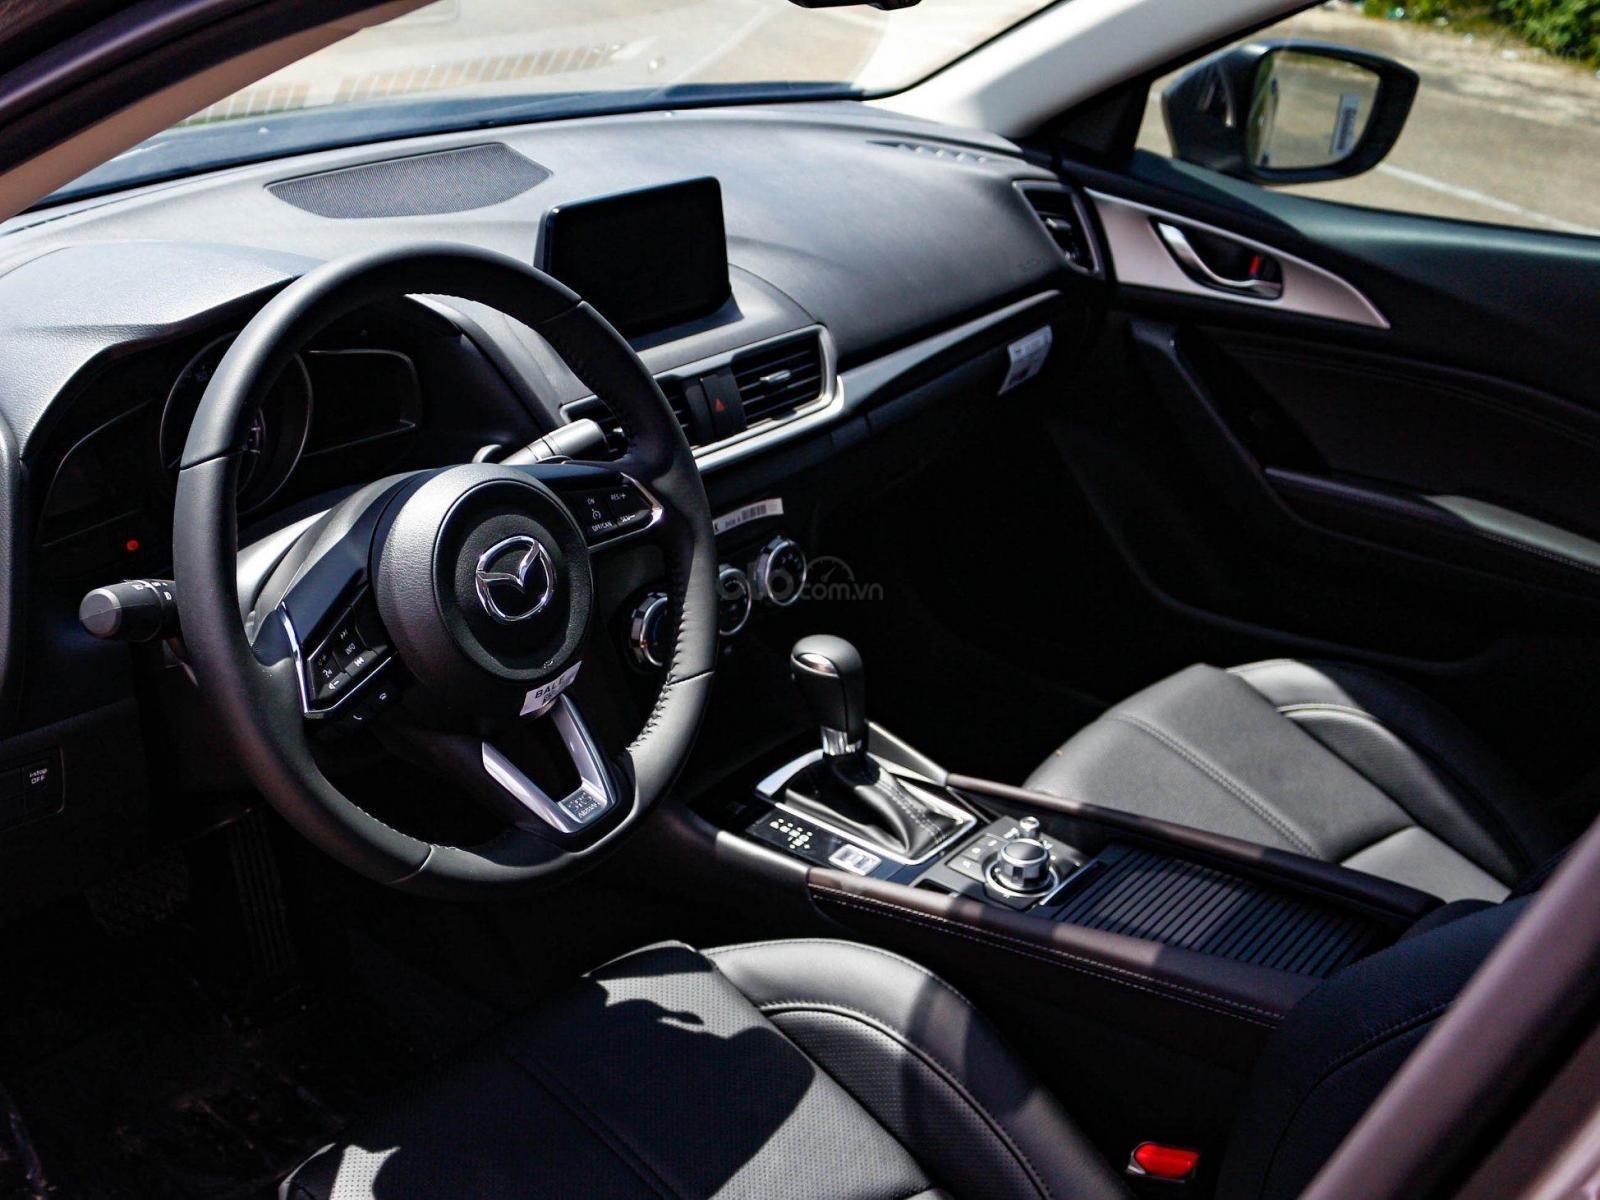 Bán Mazda 3 giá từ 657tr, đủ màu, giao xe ngay, tặng gói bảo dưỡng 3 năm miễn phí (4)